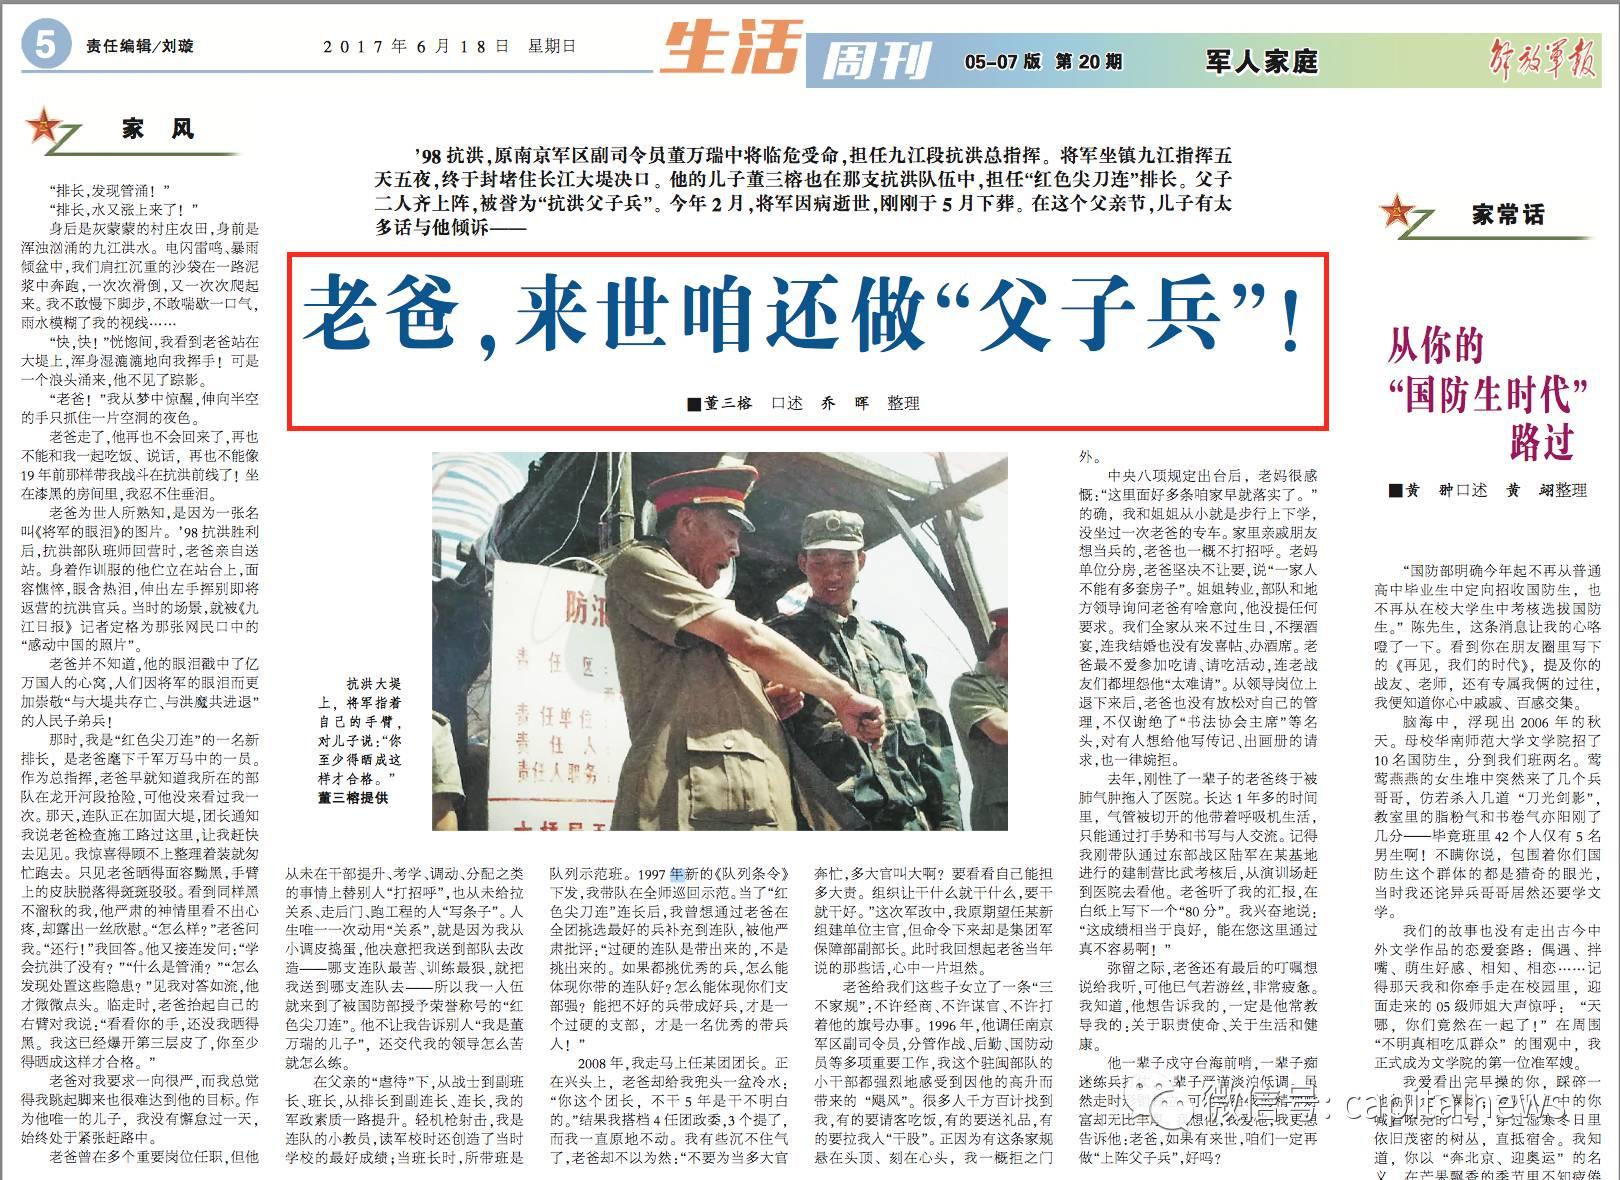 ... 的日子,军报刊登了一篇董三榕回忆父亲的报道